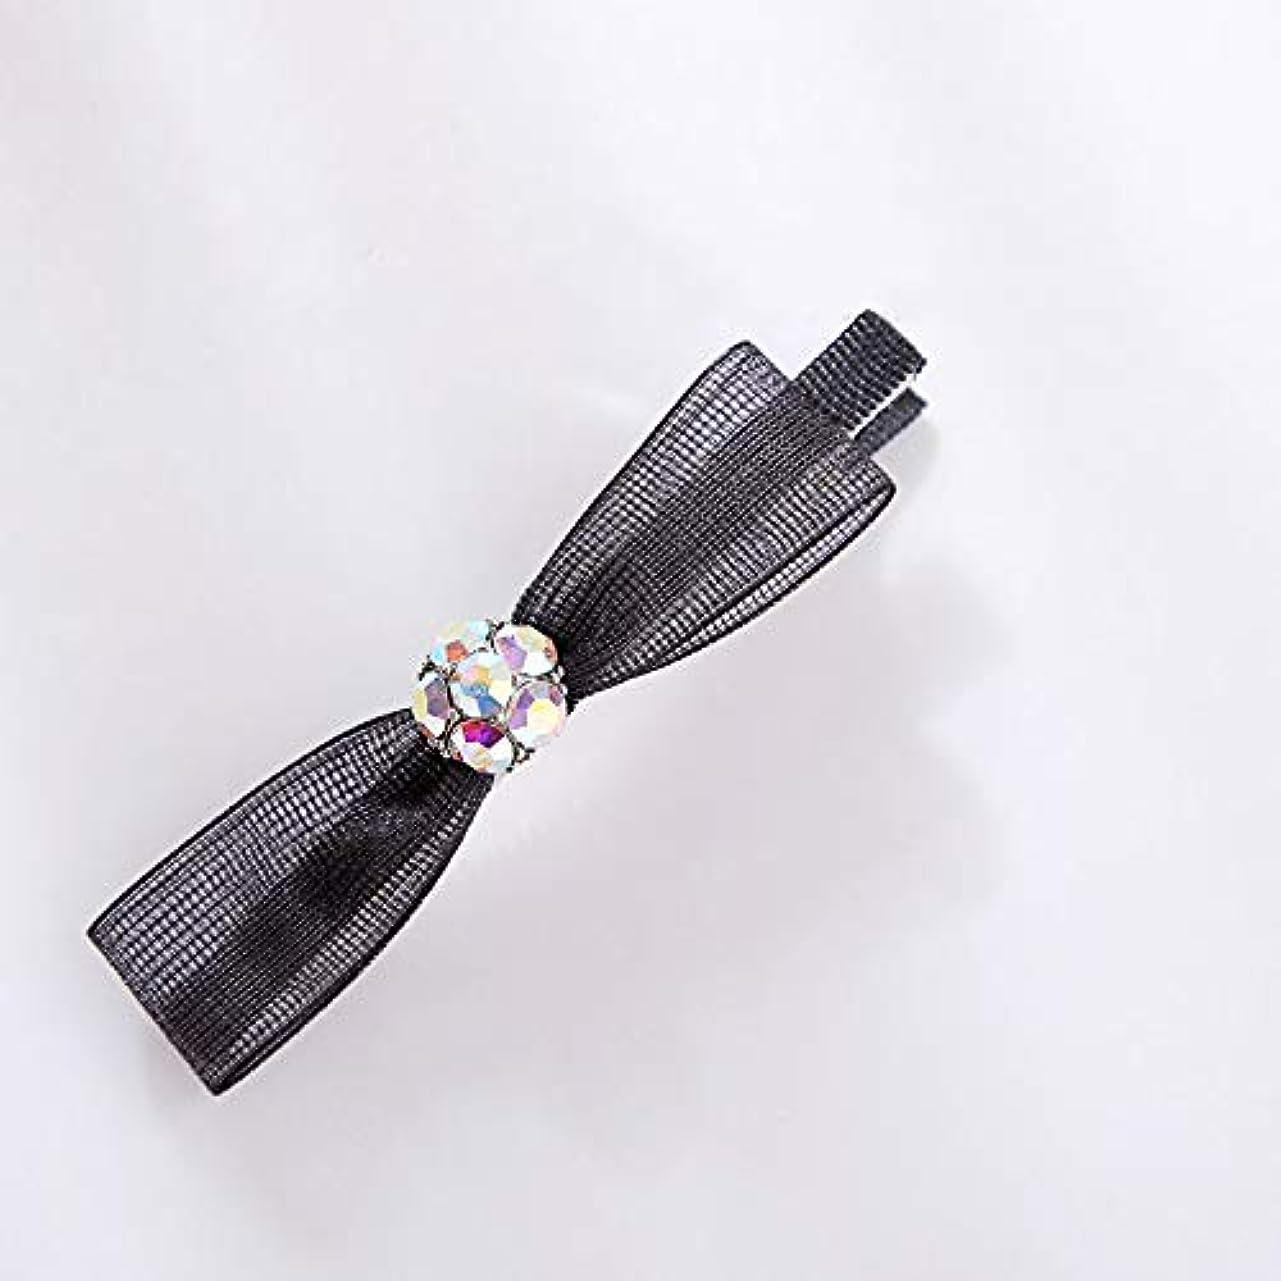 知覚できるエレメンタル下着HuaQingPiJu-JP ファッションロゼットヘアピン便利なヘアクリップ女性の結婚式のアクセサリー(ブラック)